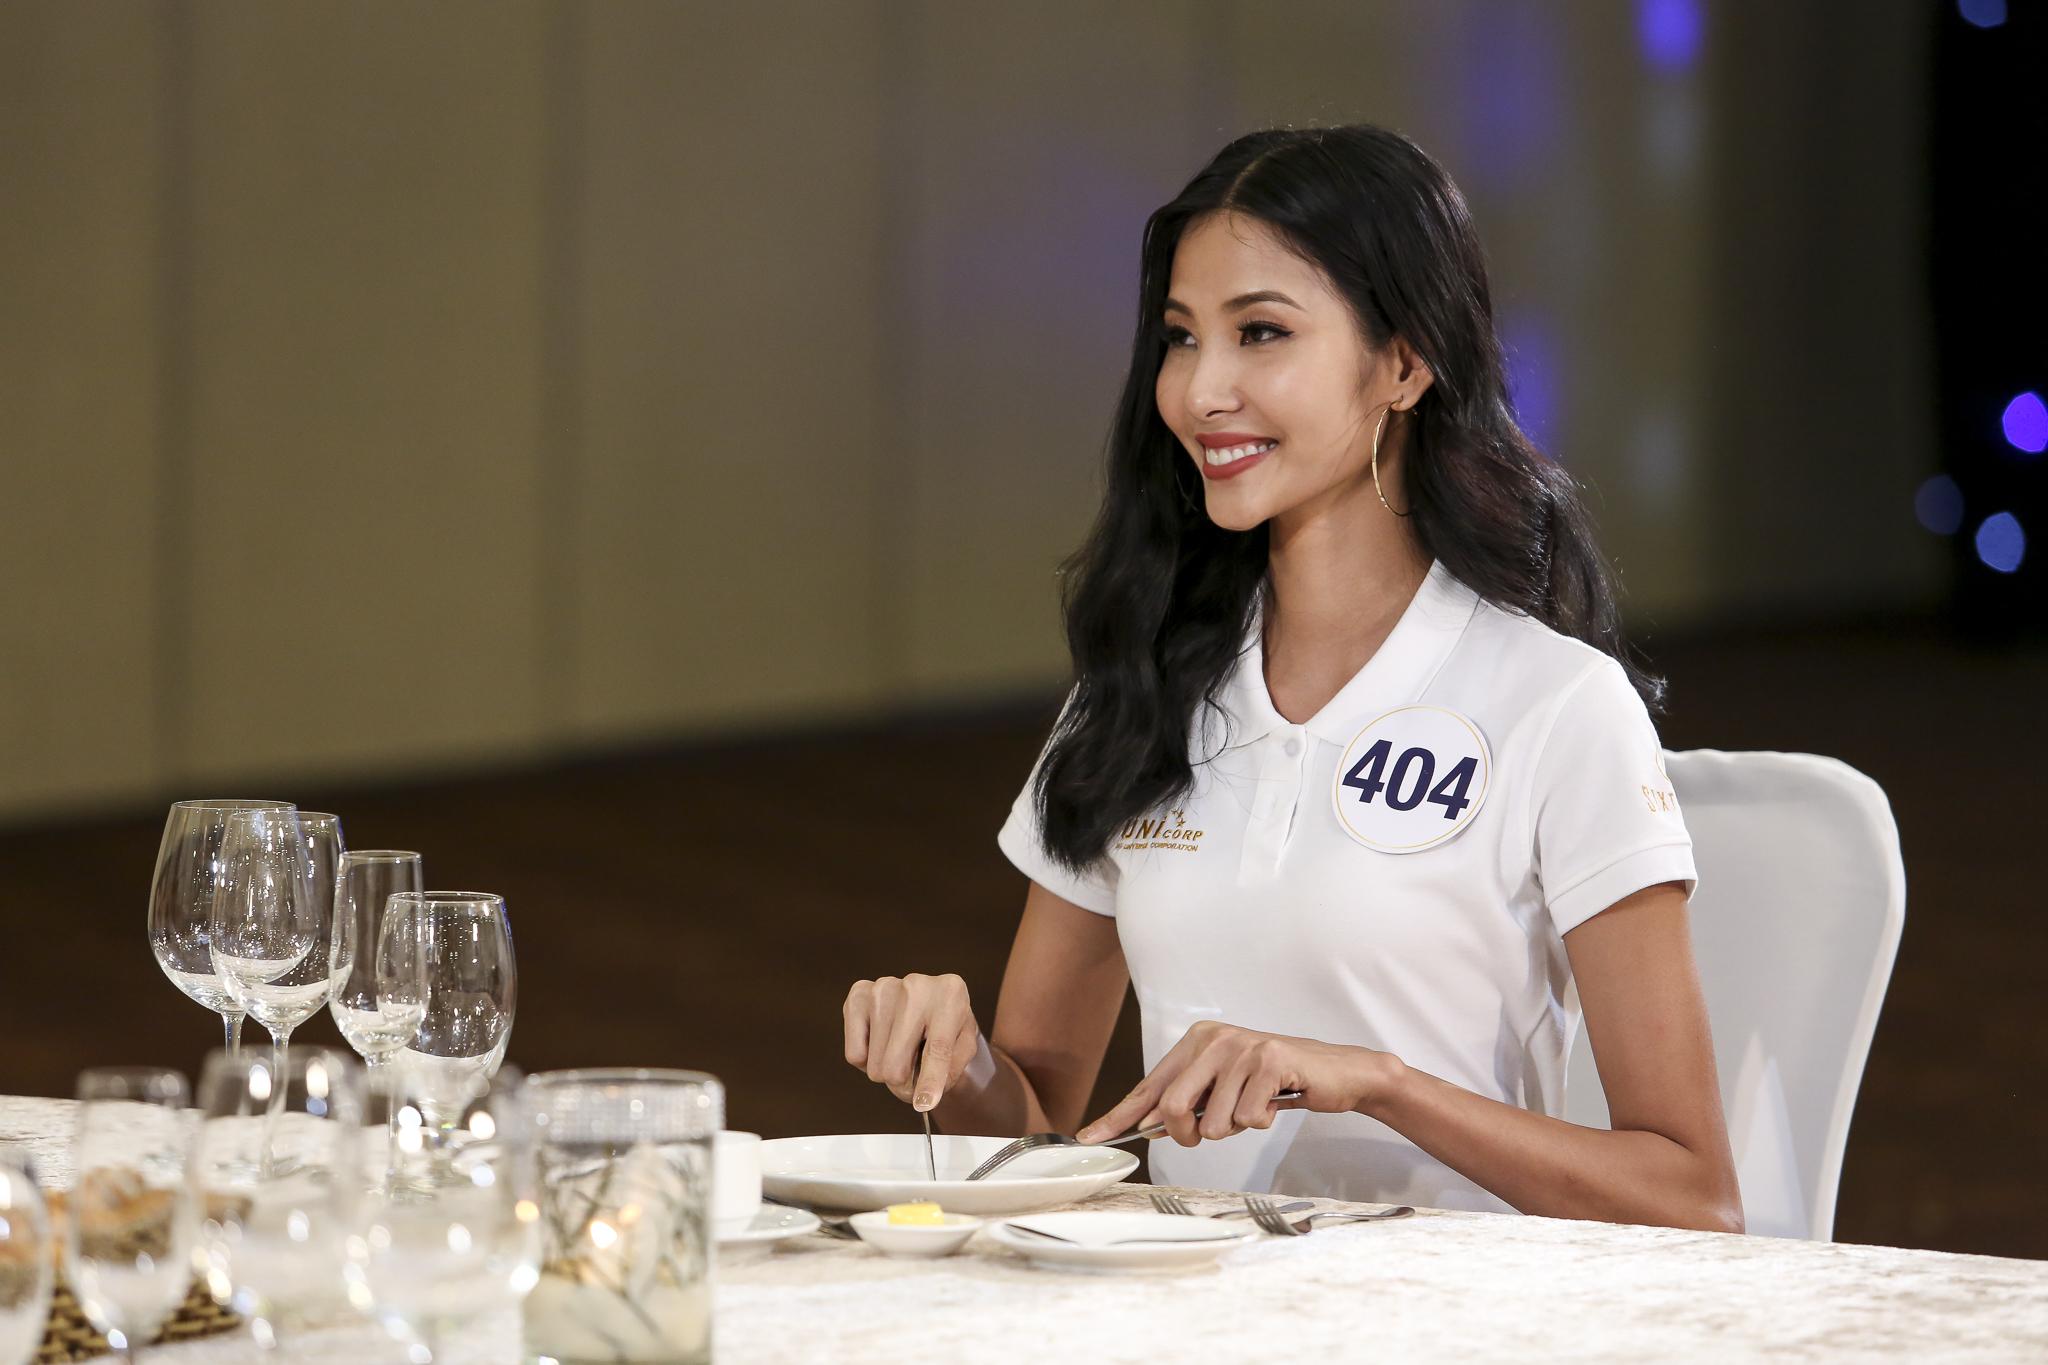 Hoàng Thùy hé lộ mình bị loại khỏi top xuất sắc Hoa hậu Hoàn vũ VN do nhầm lẫn! - Ảnh 2.